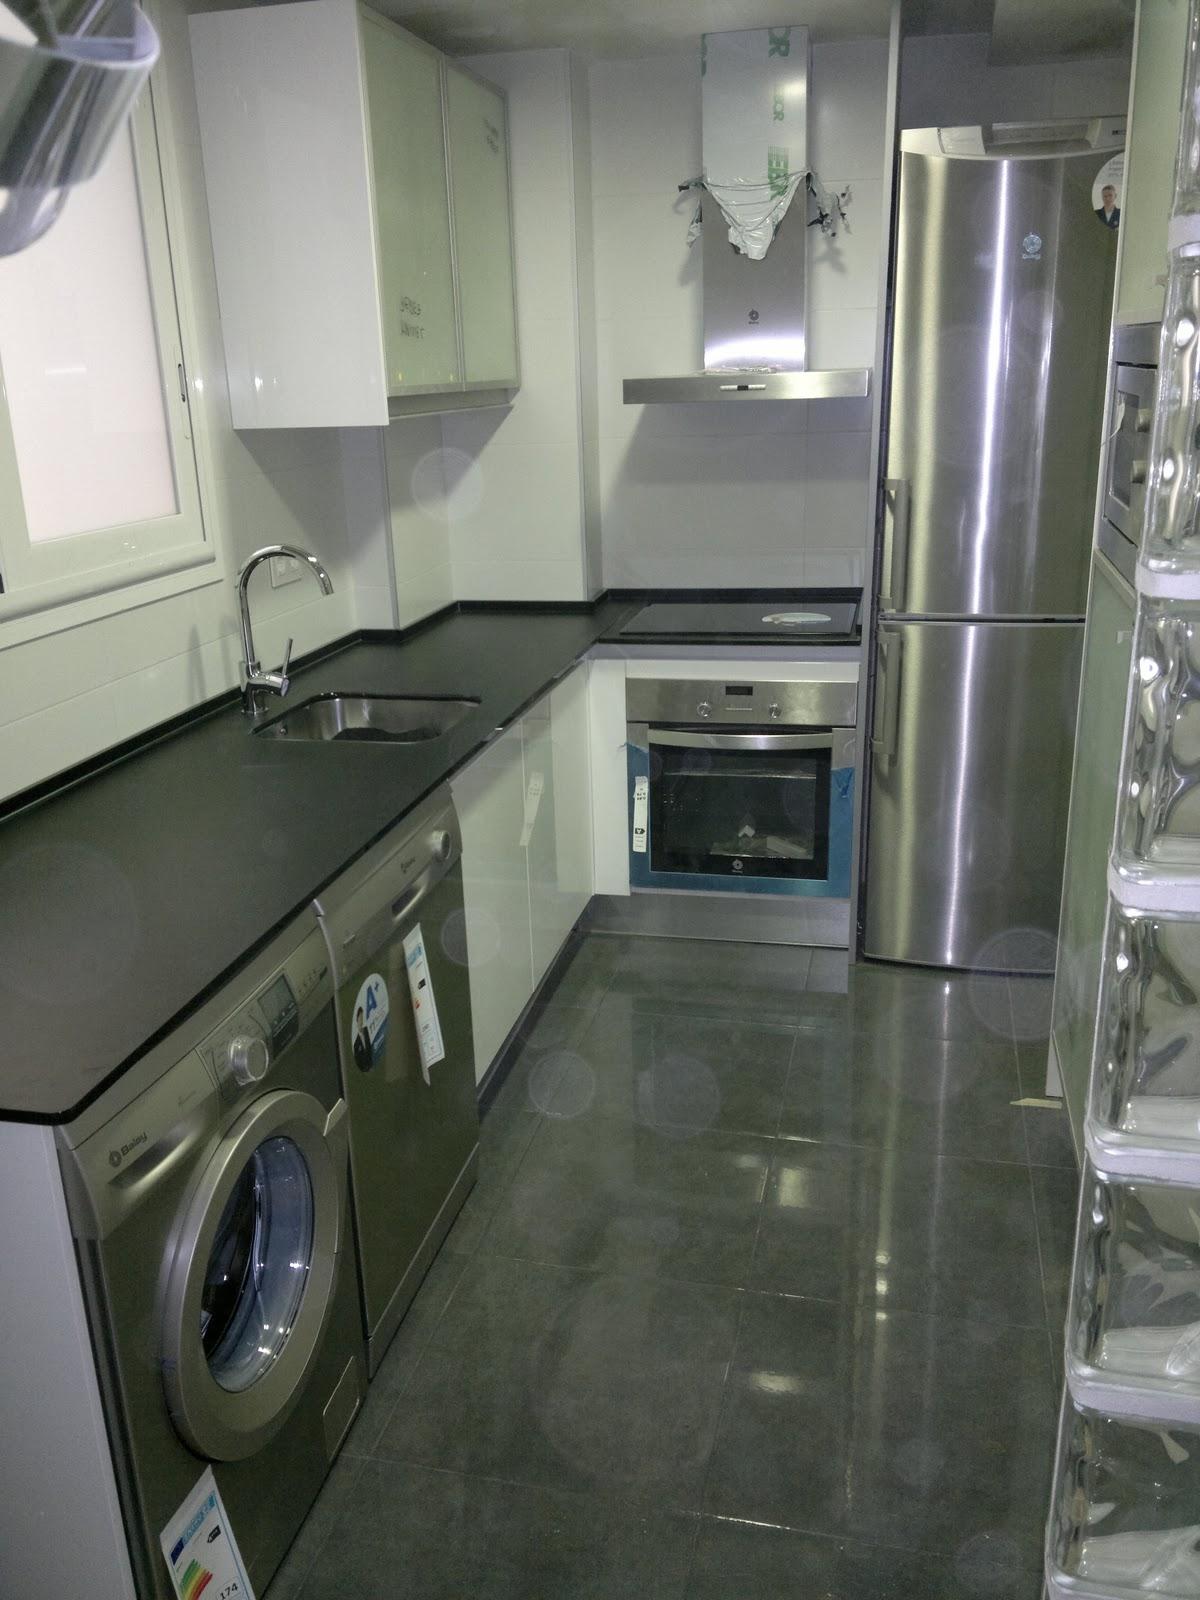 Ebanisteria carpinteria manuel perez zaragoza cocina con encimera de cristal - Encimeras de cocina de cristal ...